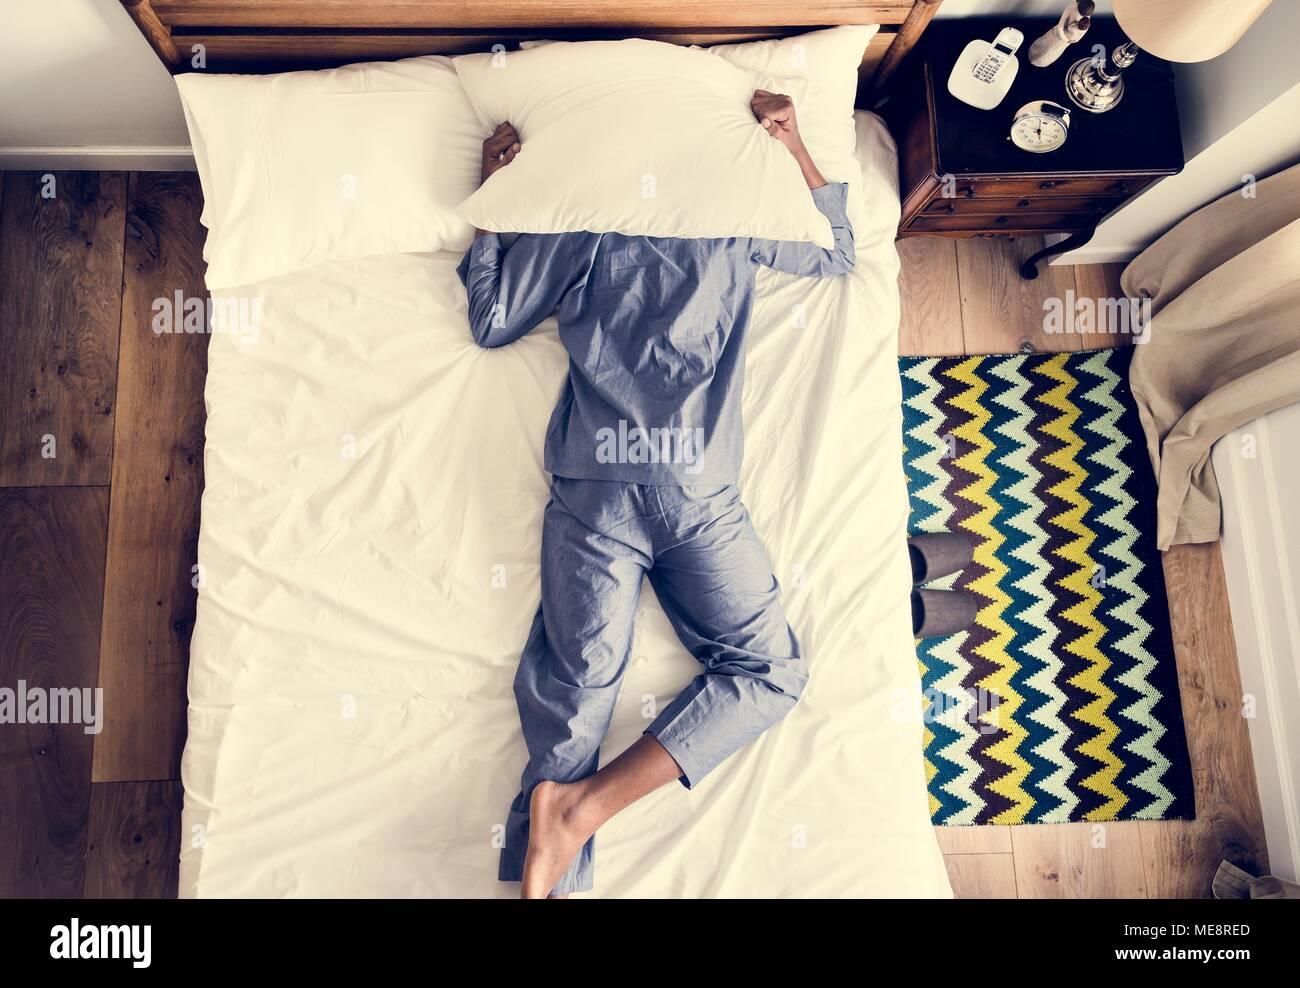 L'uomo sul letto insonnia e inquinamento acustico concept Immagini Stock